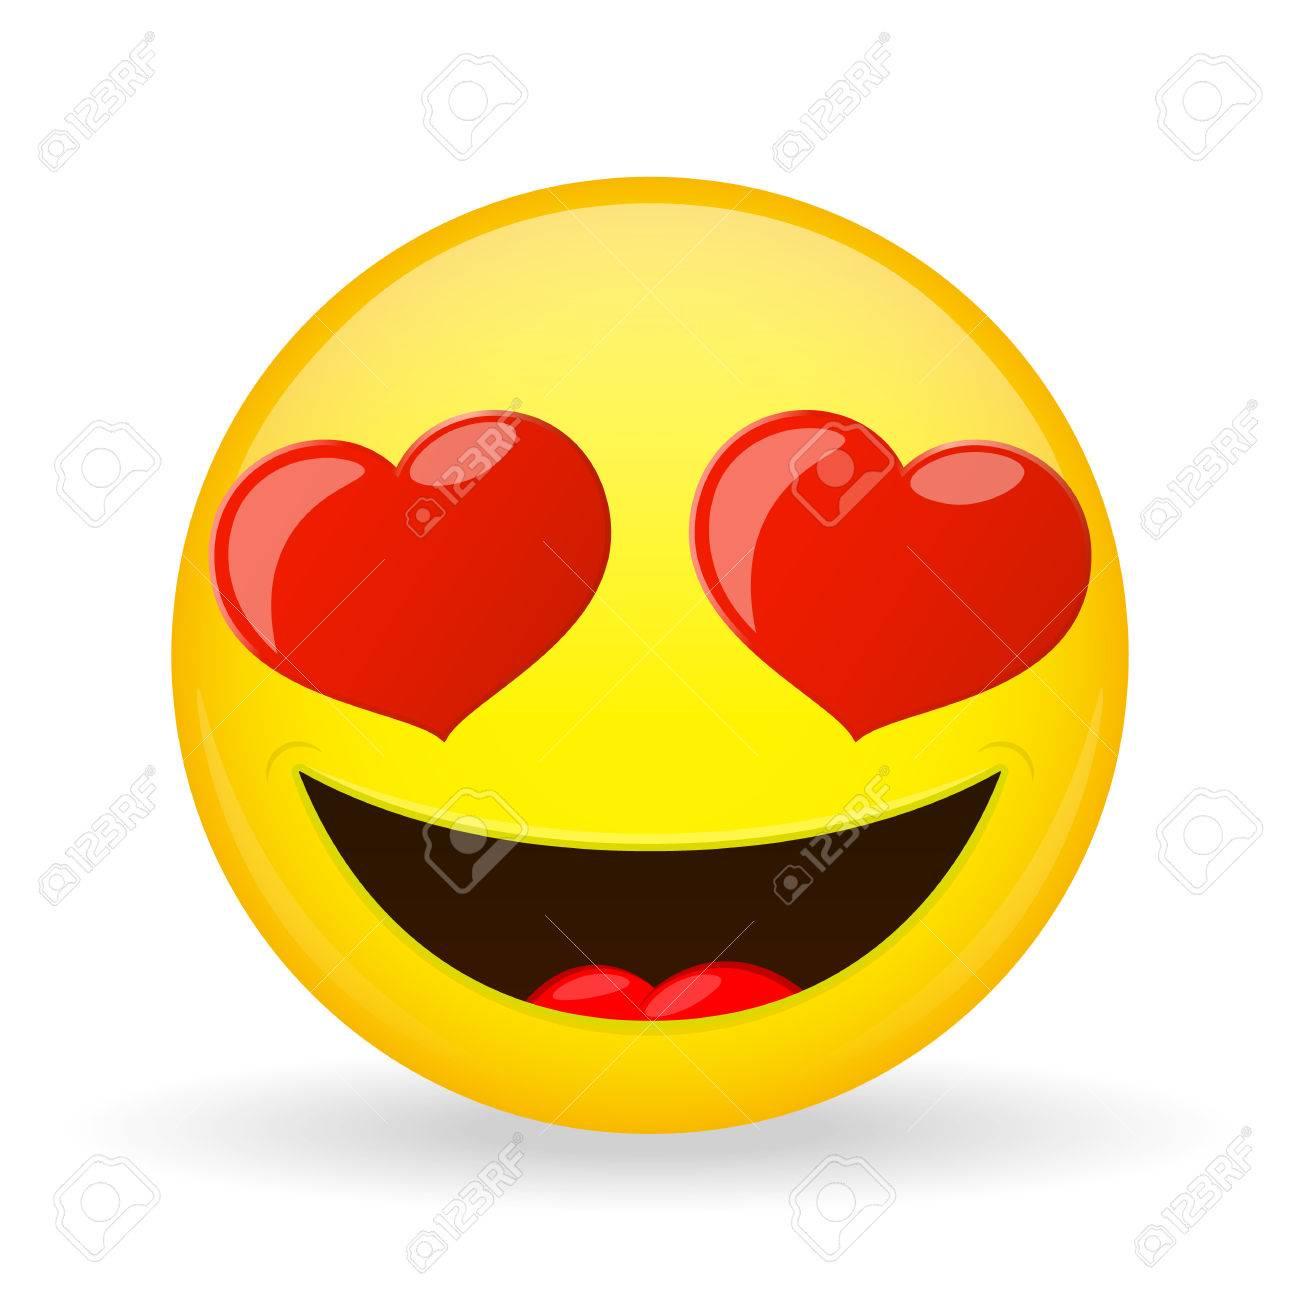 Emoji Dans L Amour Emotion Du Bonheur Amorously Sourire Emoticone Style De Bande Dessinee Clip Art Libres De Droits Vecteurs Et Illustration Image 69948784